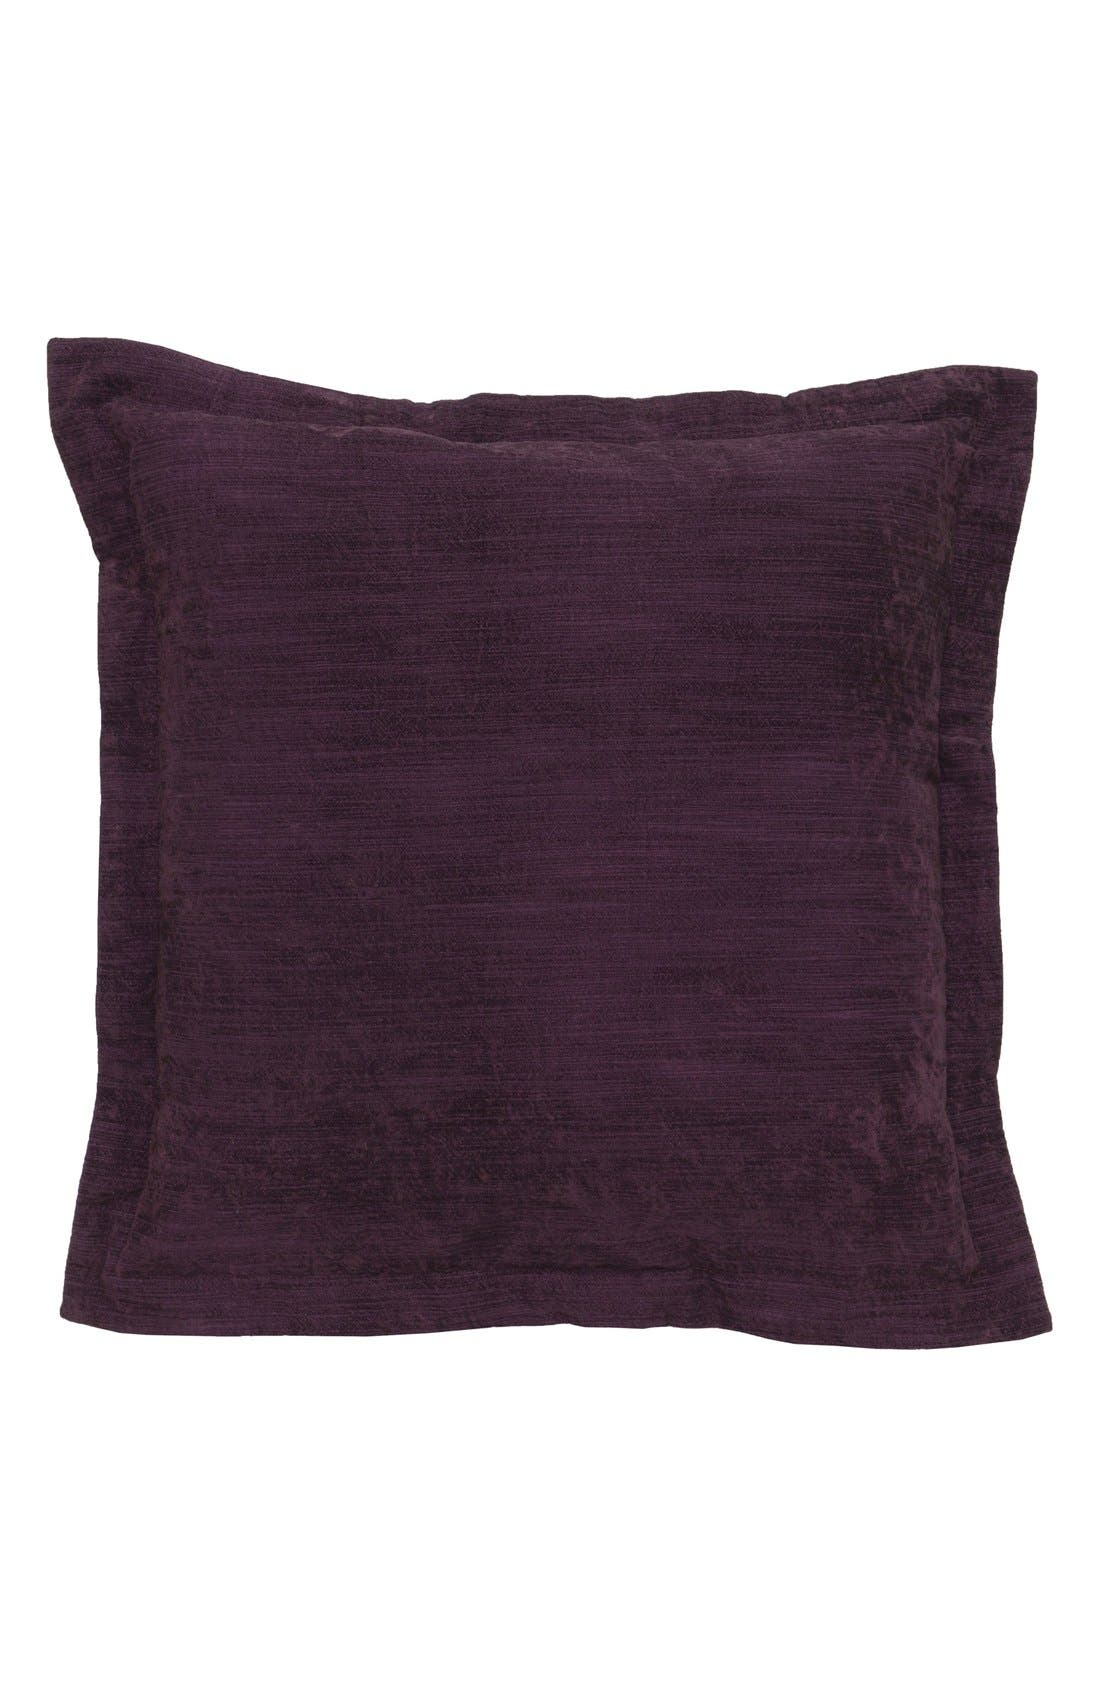 Lapis Decorative Pillow,                         Main,                         color, PLUM